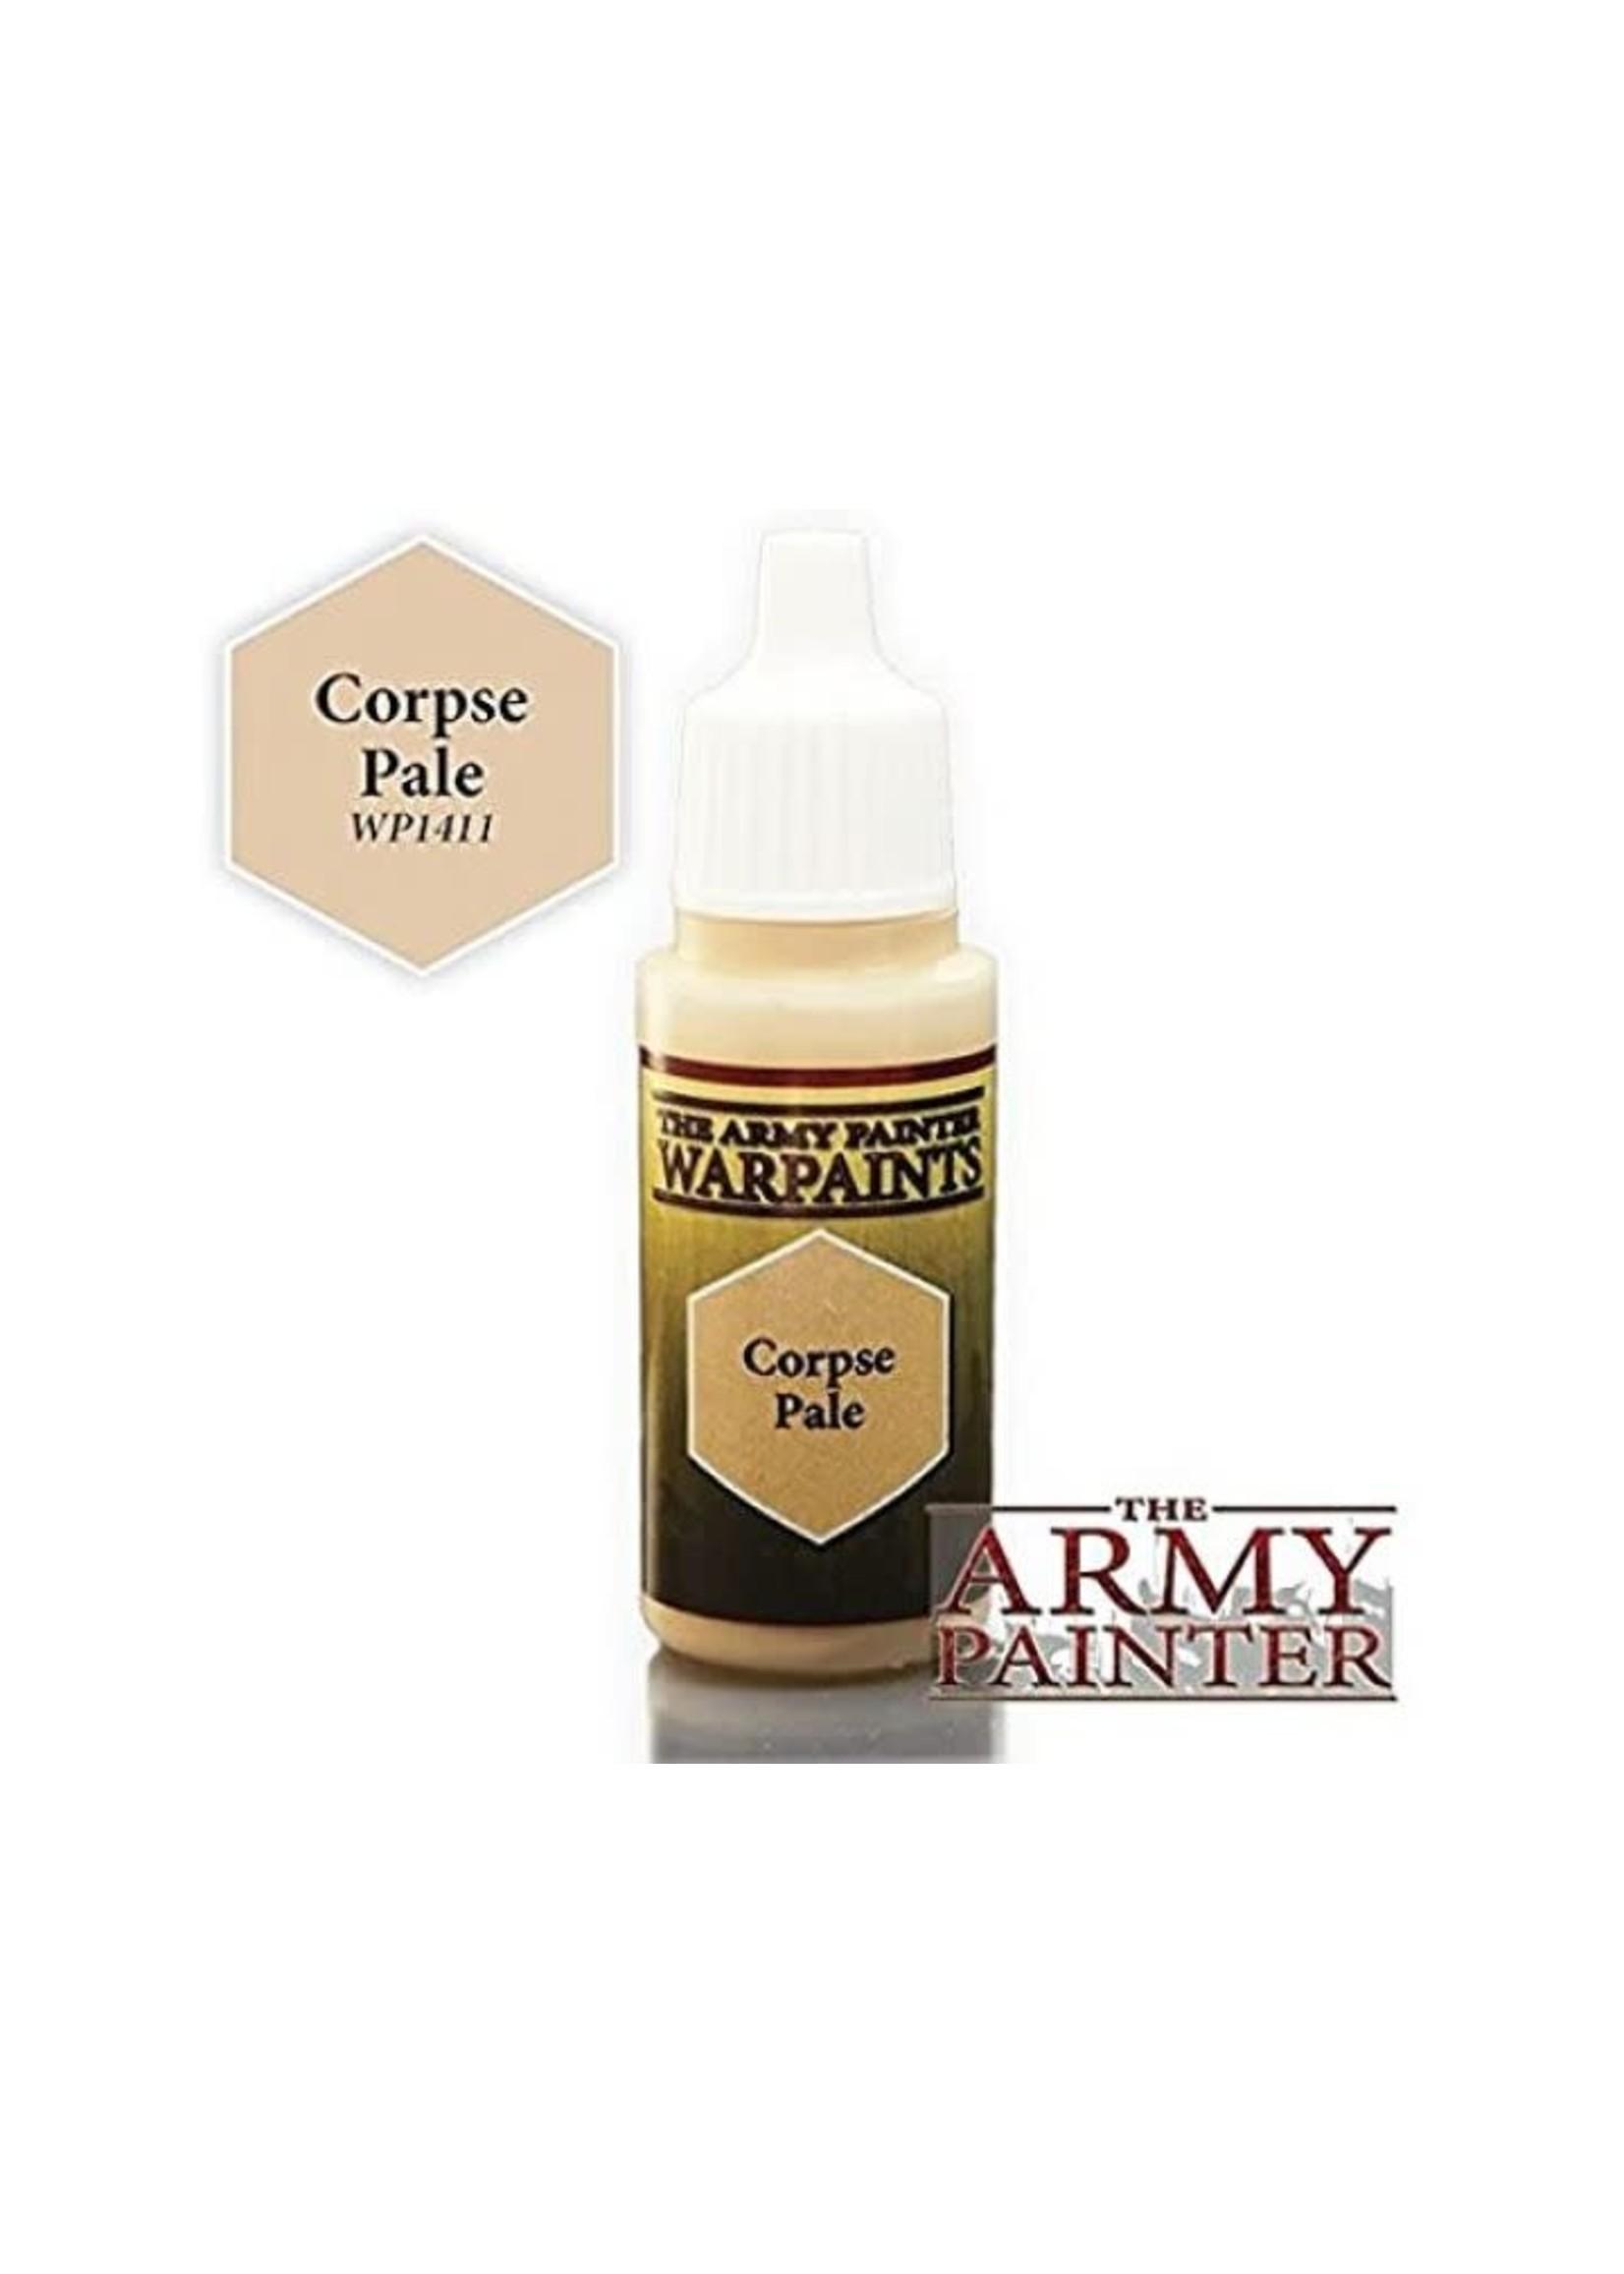 Army Painter Warpaints - Corpse Pale